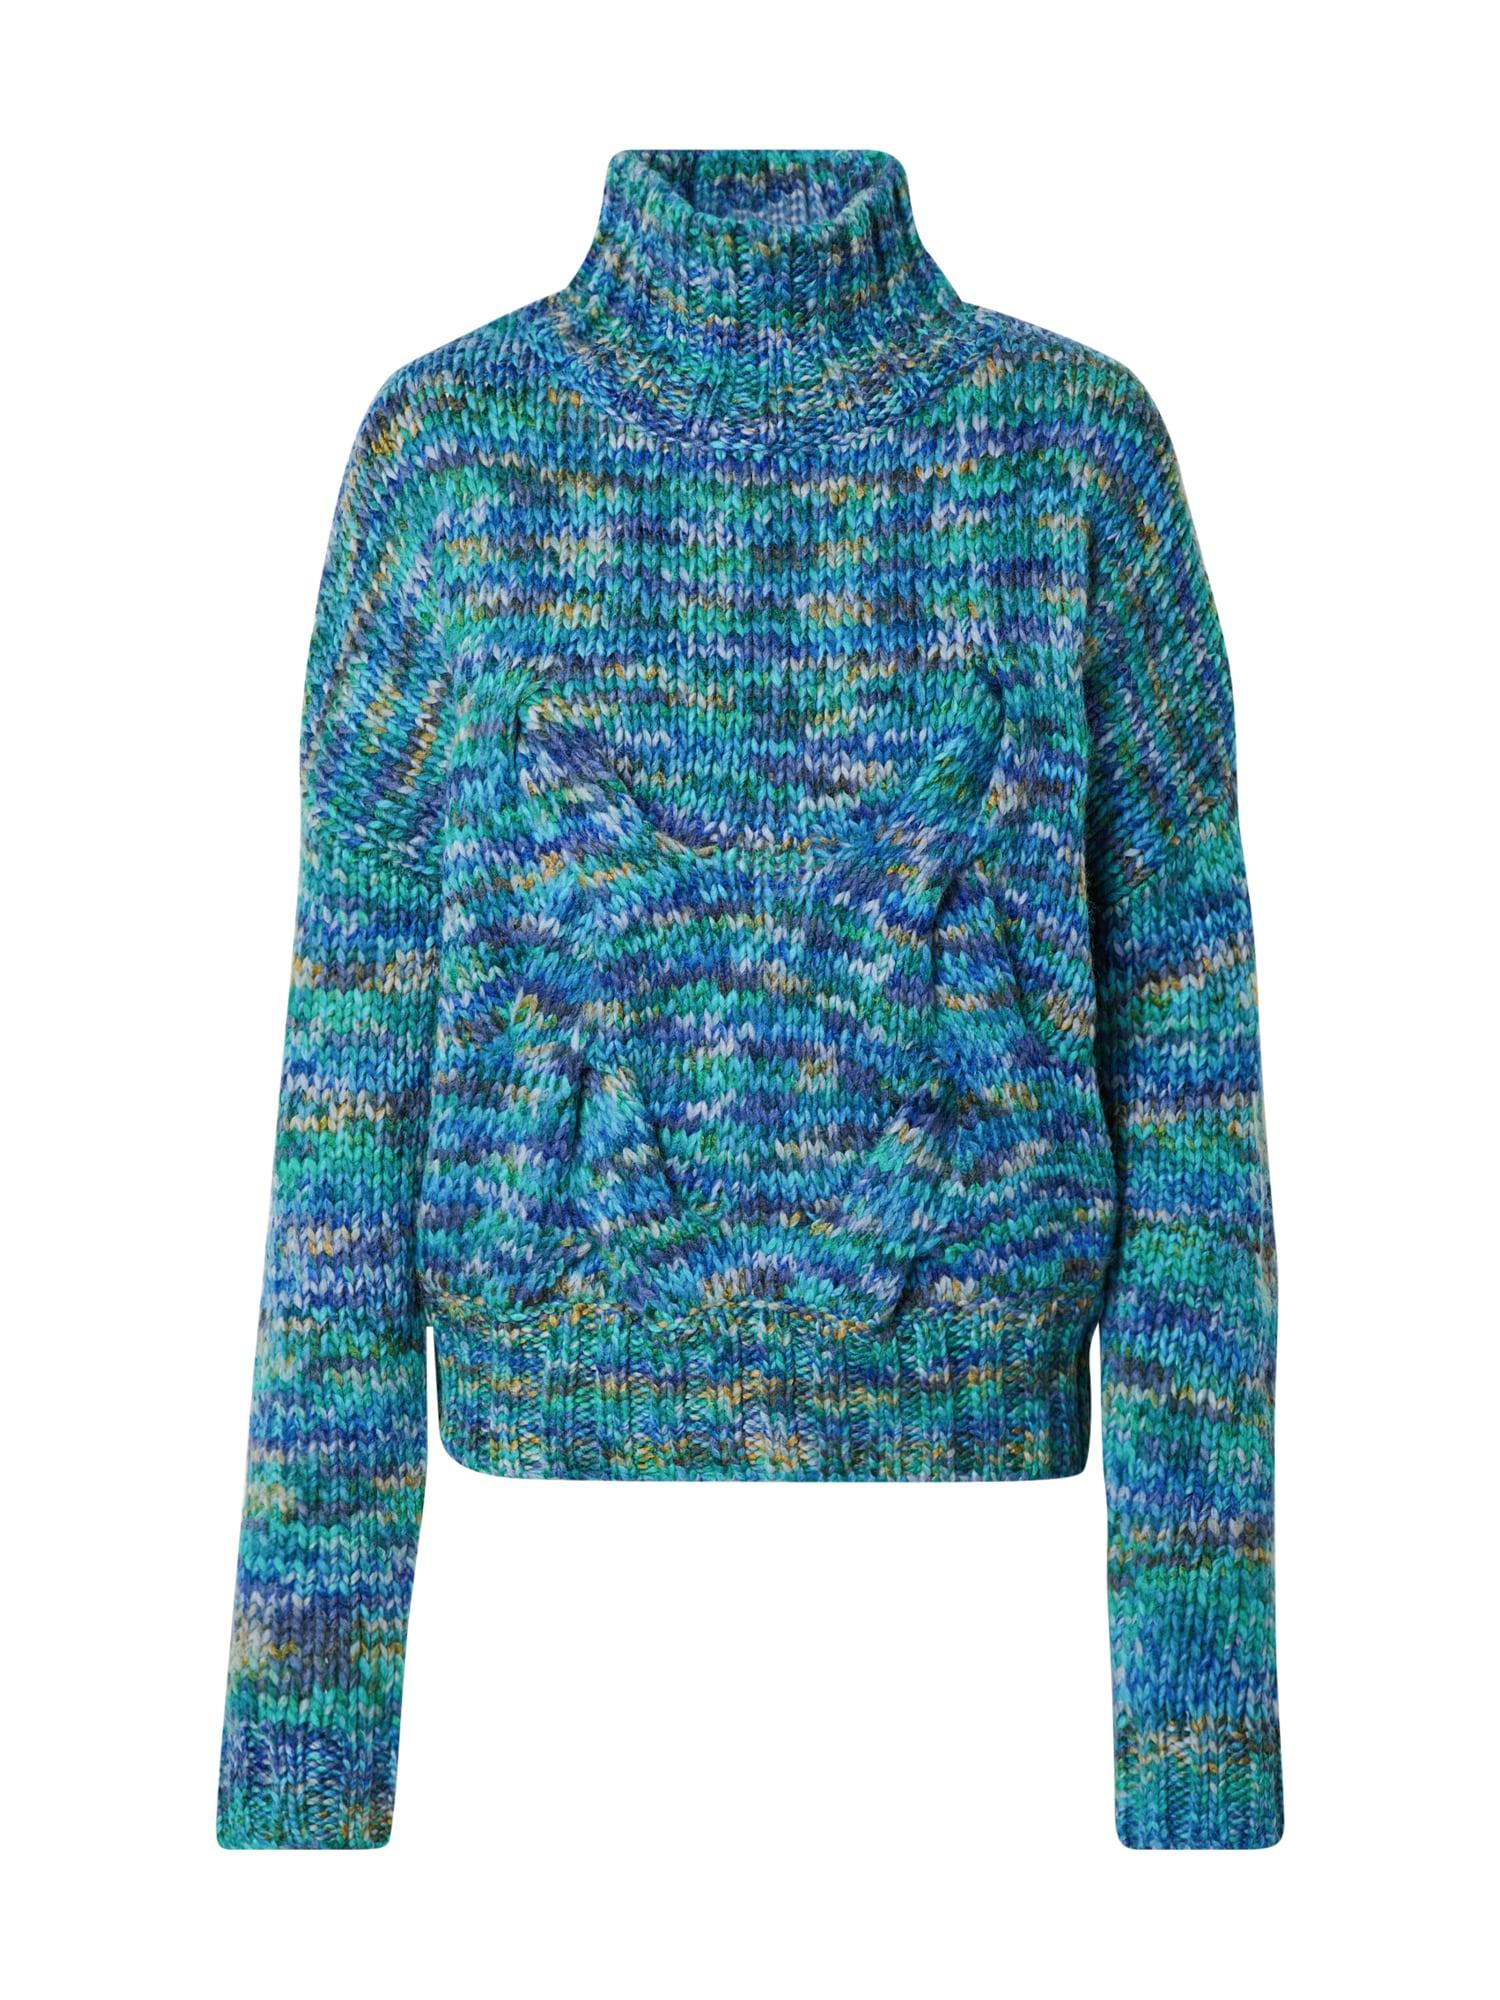 2NDDAY Megztinis 'Johnny' mišrios spalvos / mėlyna